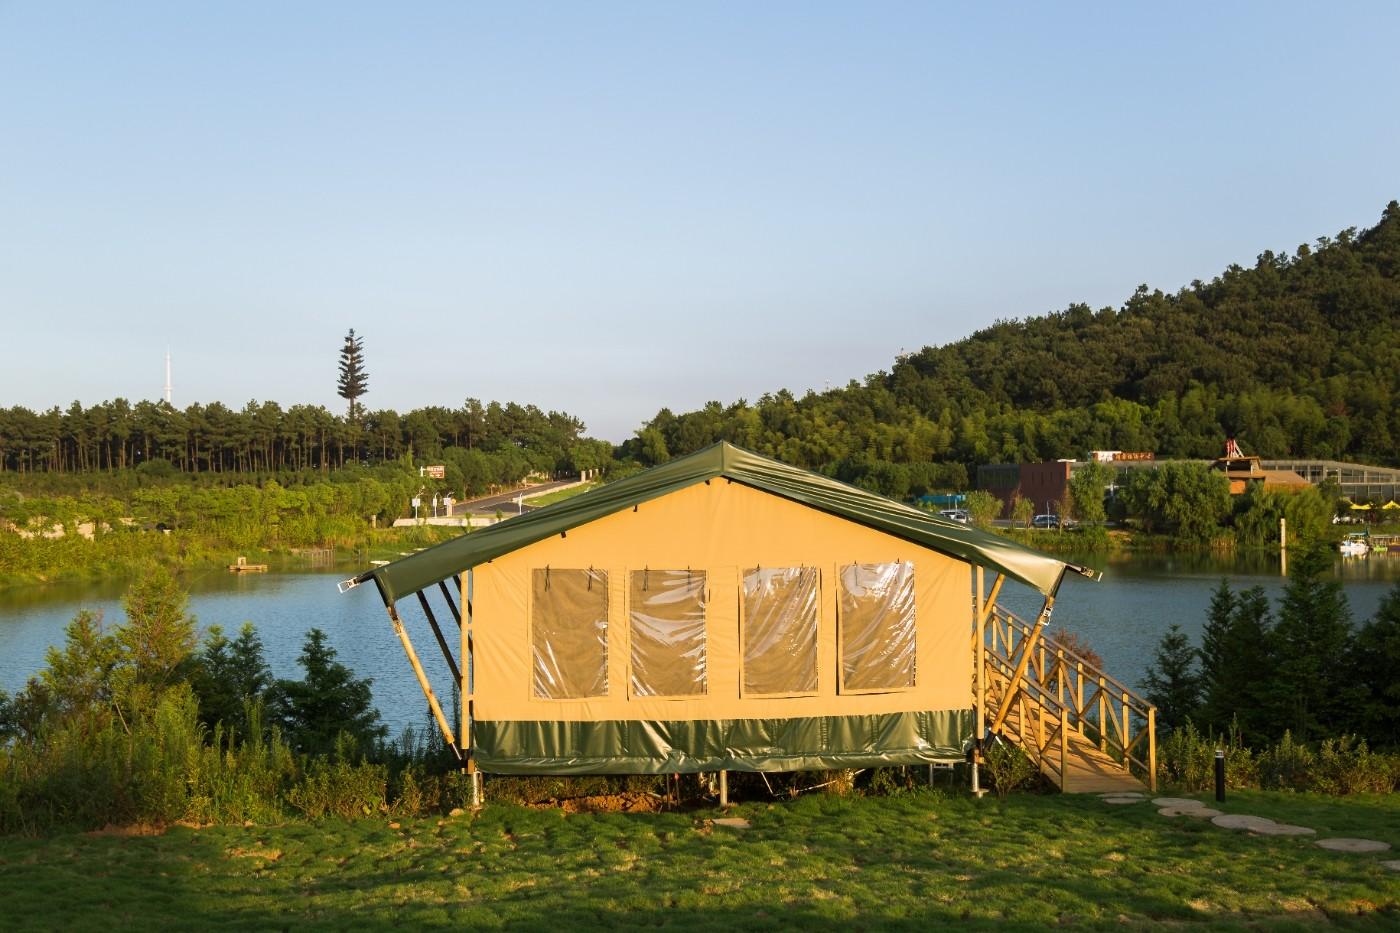 江苏常州茅山宝盛园坡地帐篷酒店5